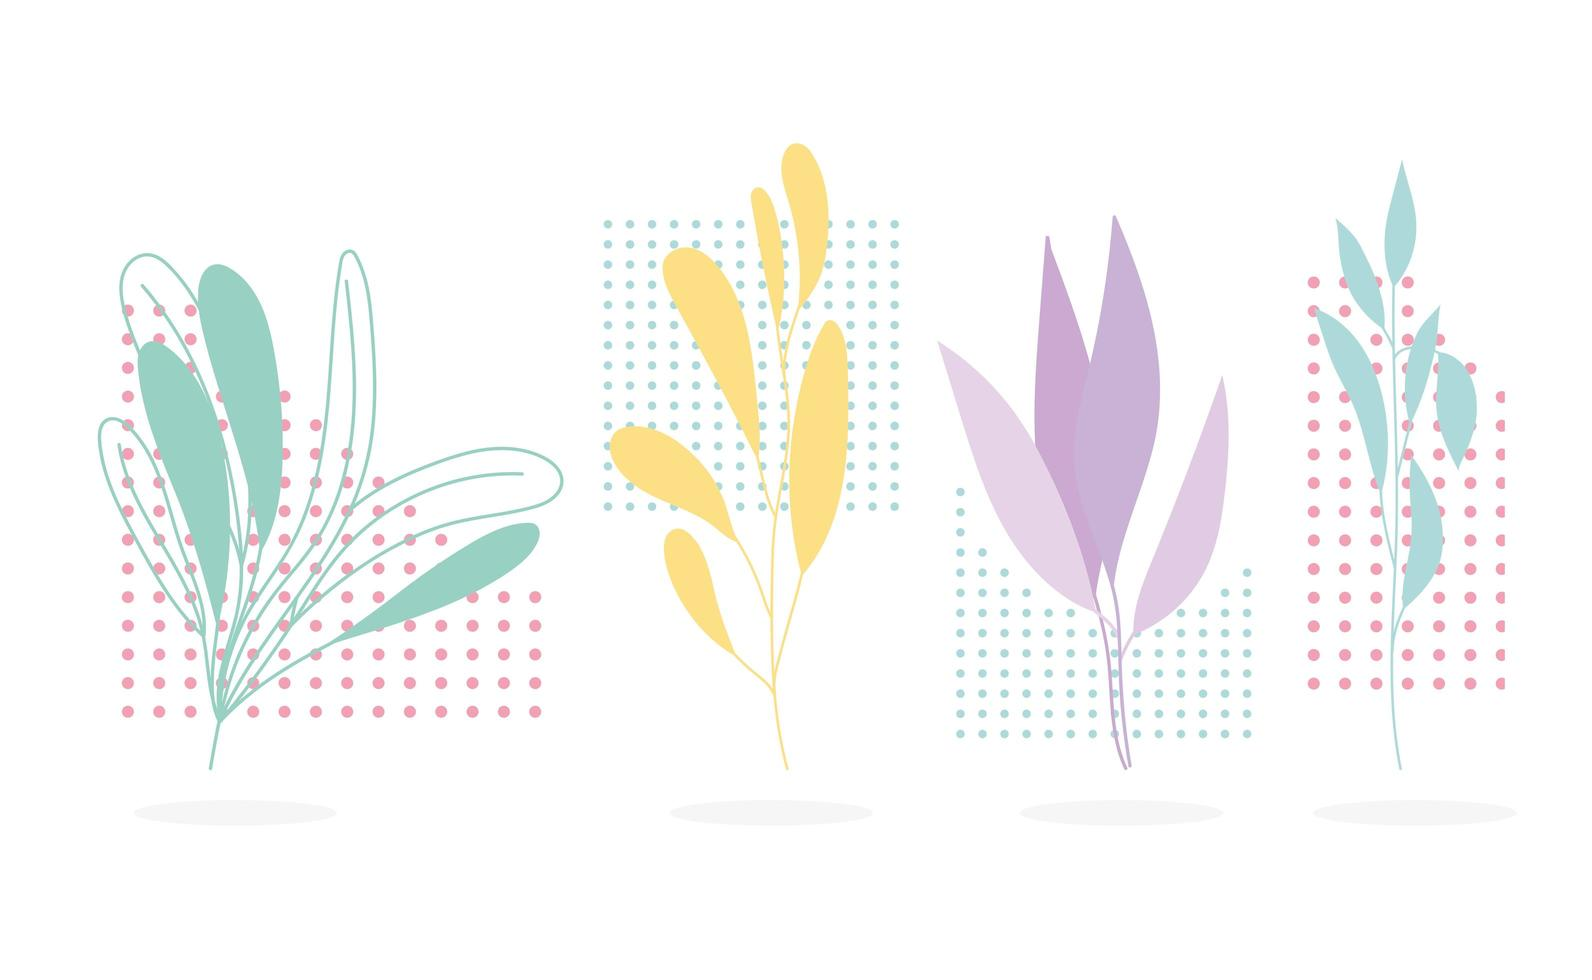 rama, hojas, figura botánica. fondo de decoración geométrica vector